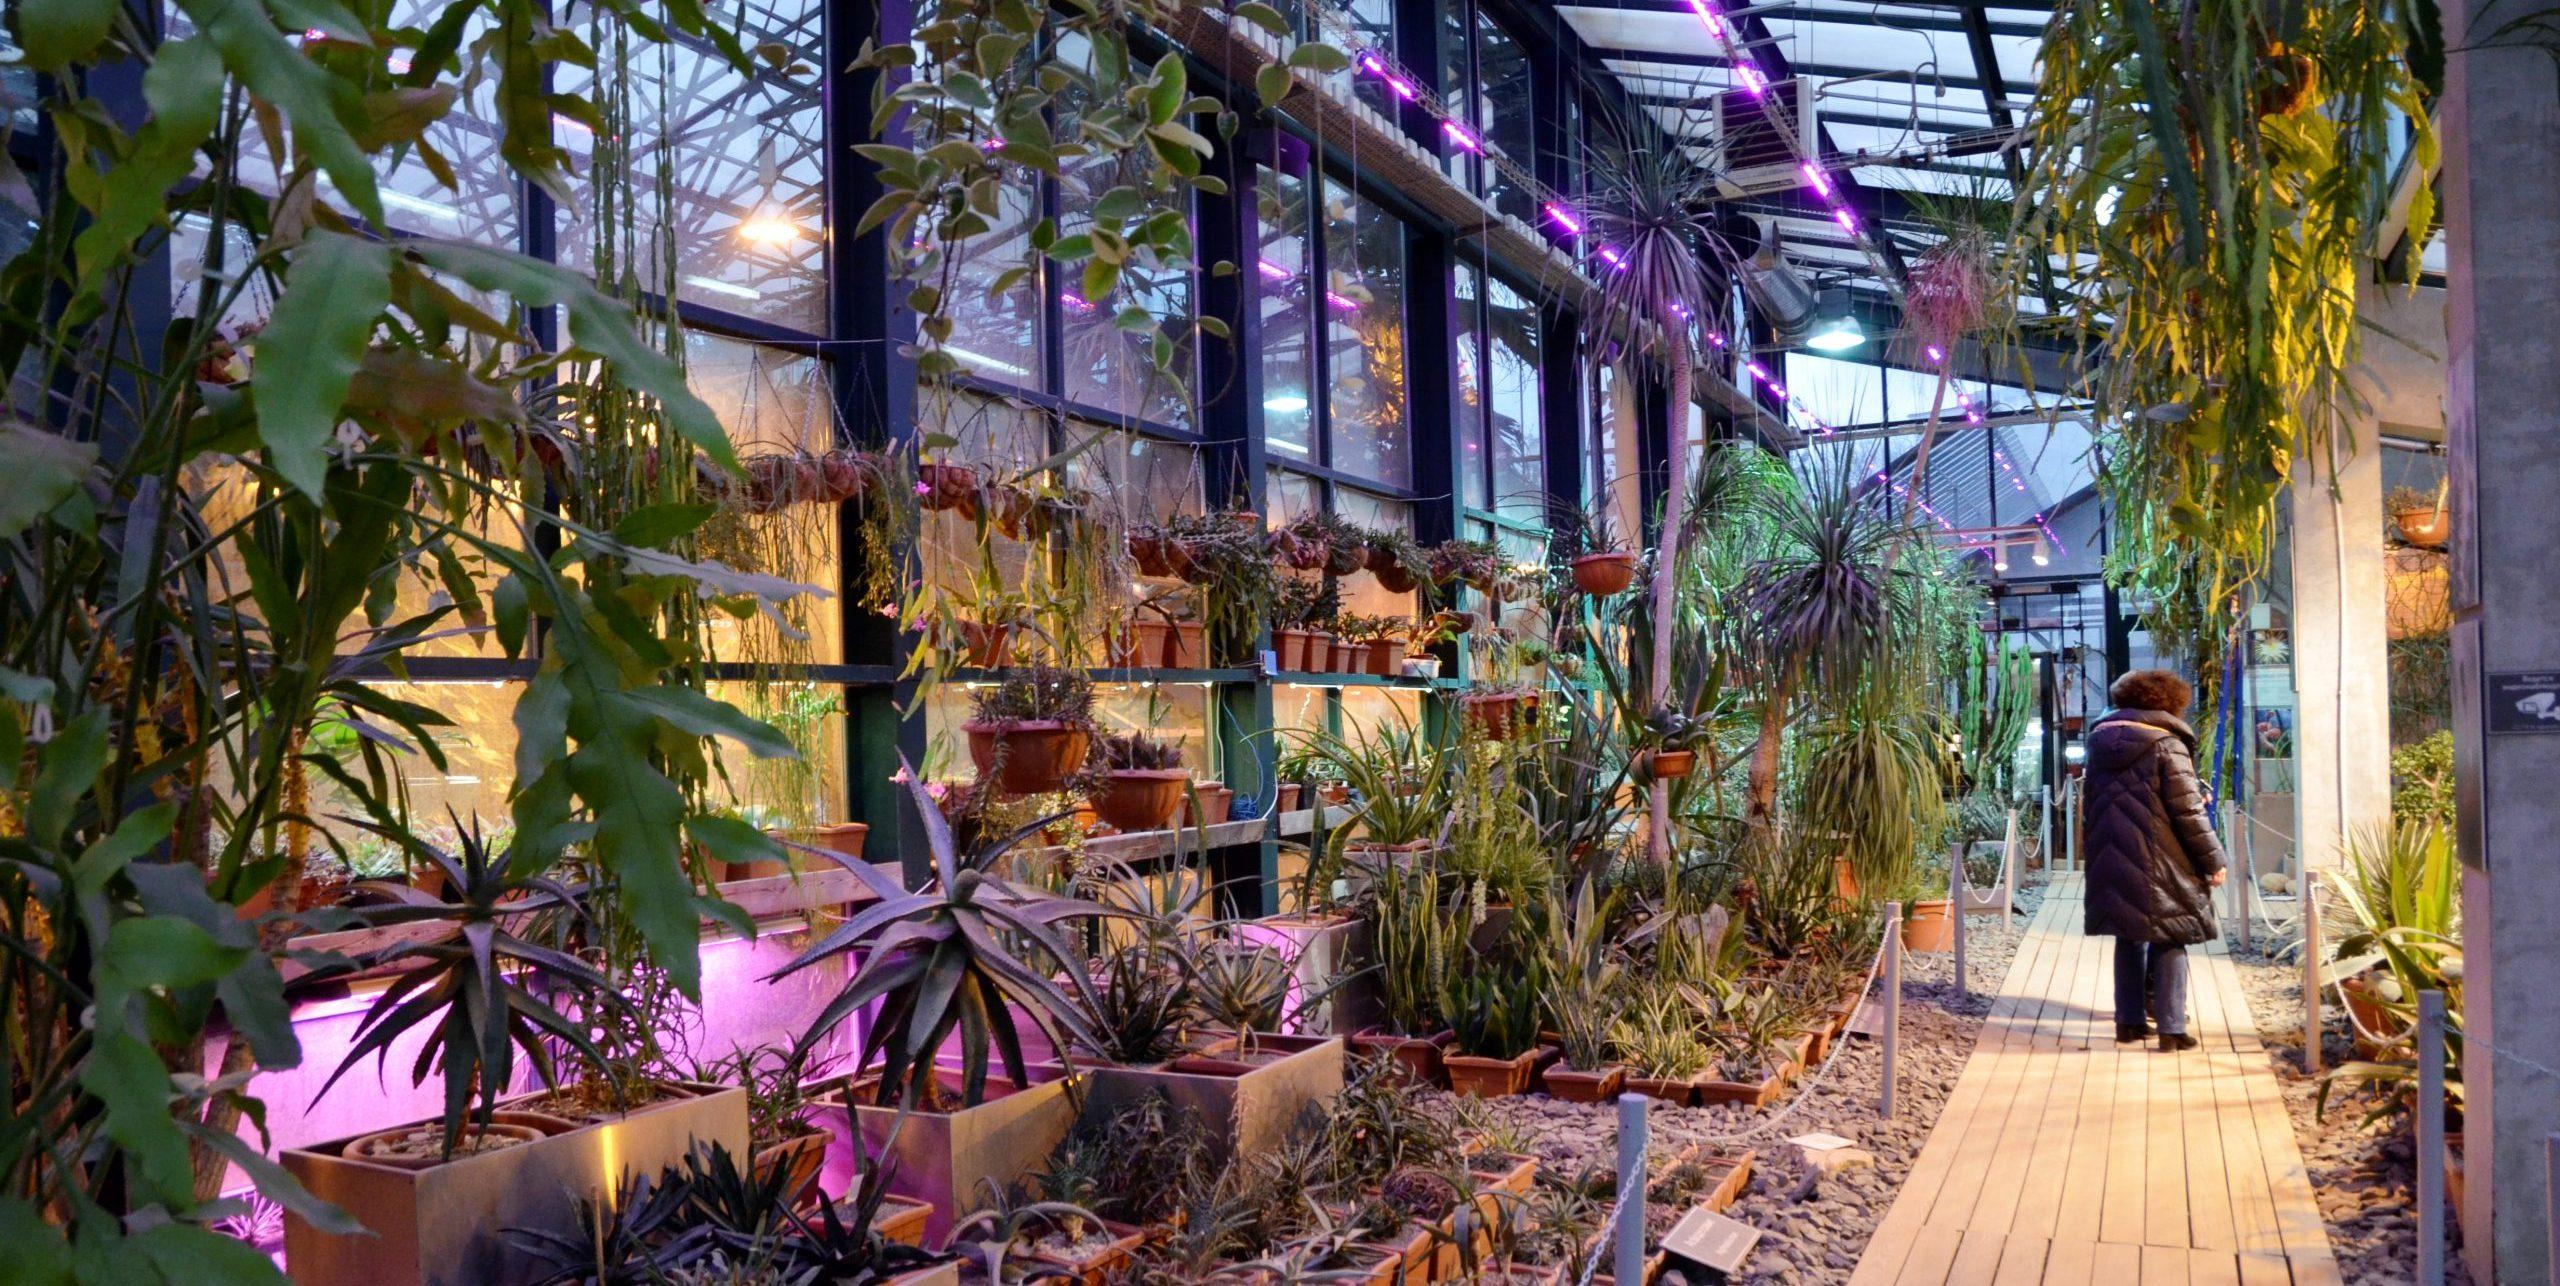 Растения «Аптекарского огорода» будет фильтровать местная флора. Фото: Анна Быкова